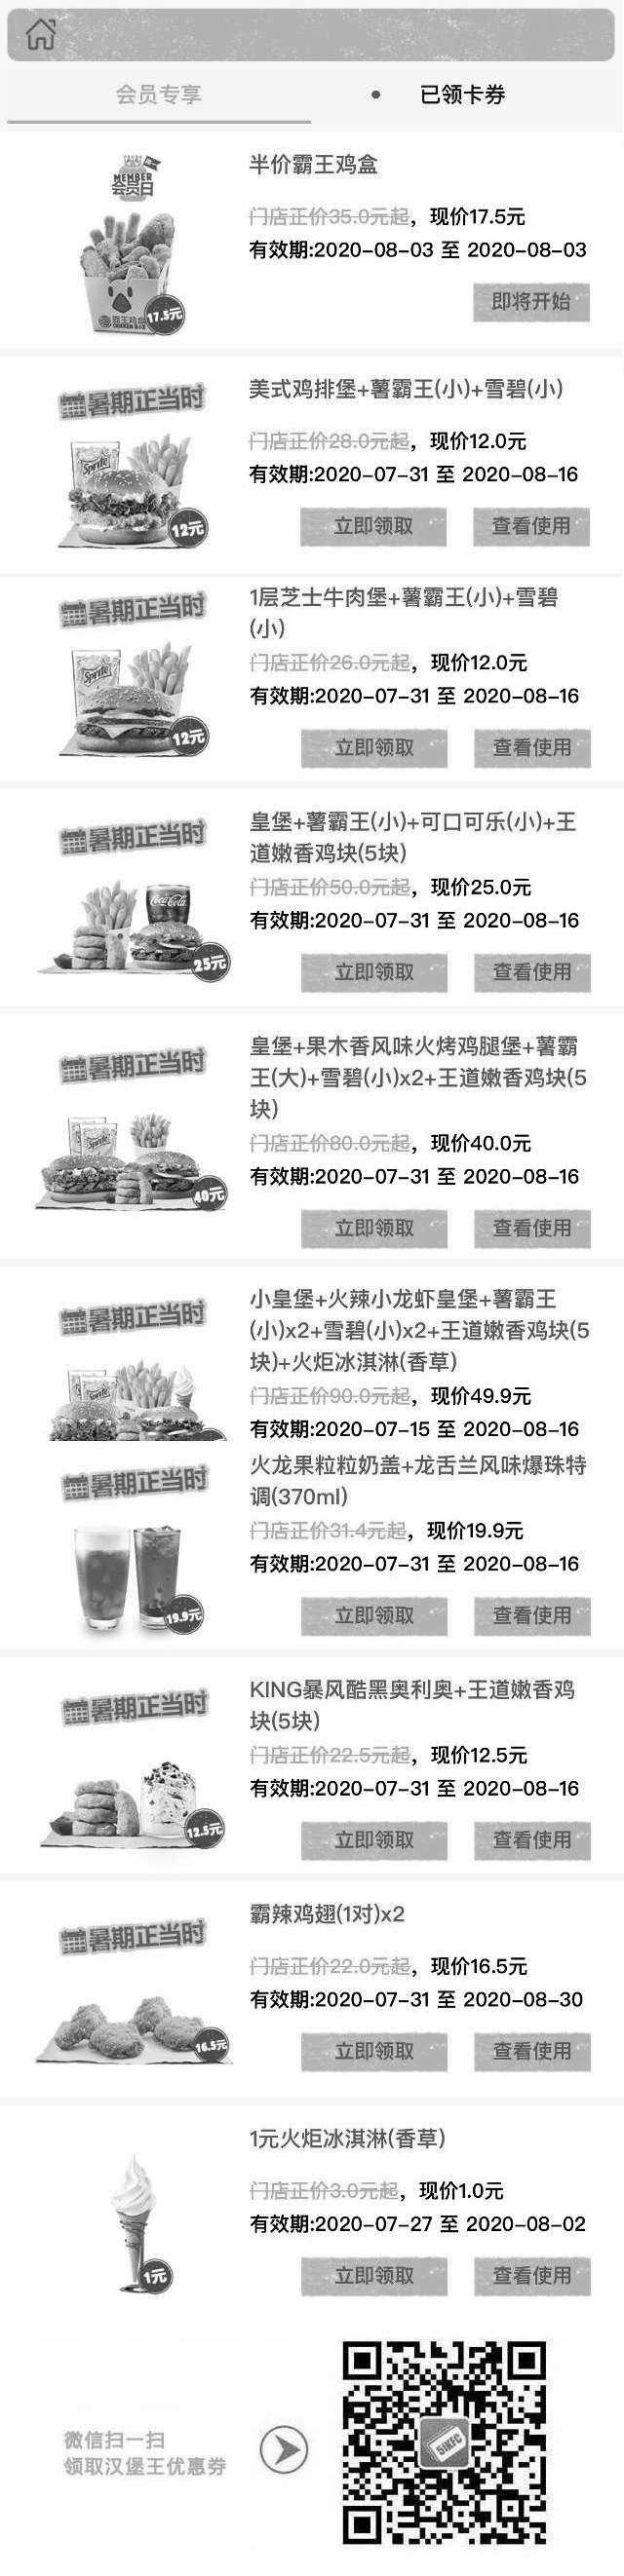 黑白优惠券图片:汉堡王优惠券领取,汉堡王2020年8月夏日优惠券卡券 - www.5ikfc.com